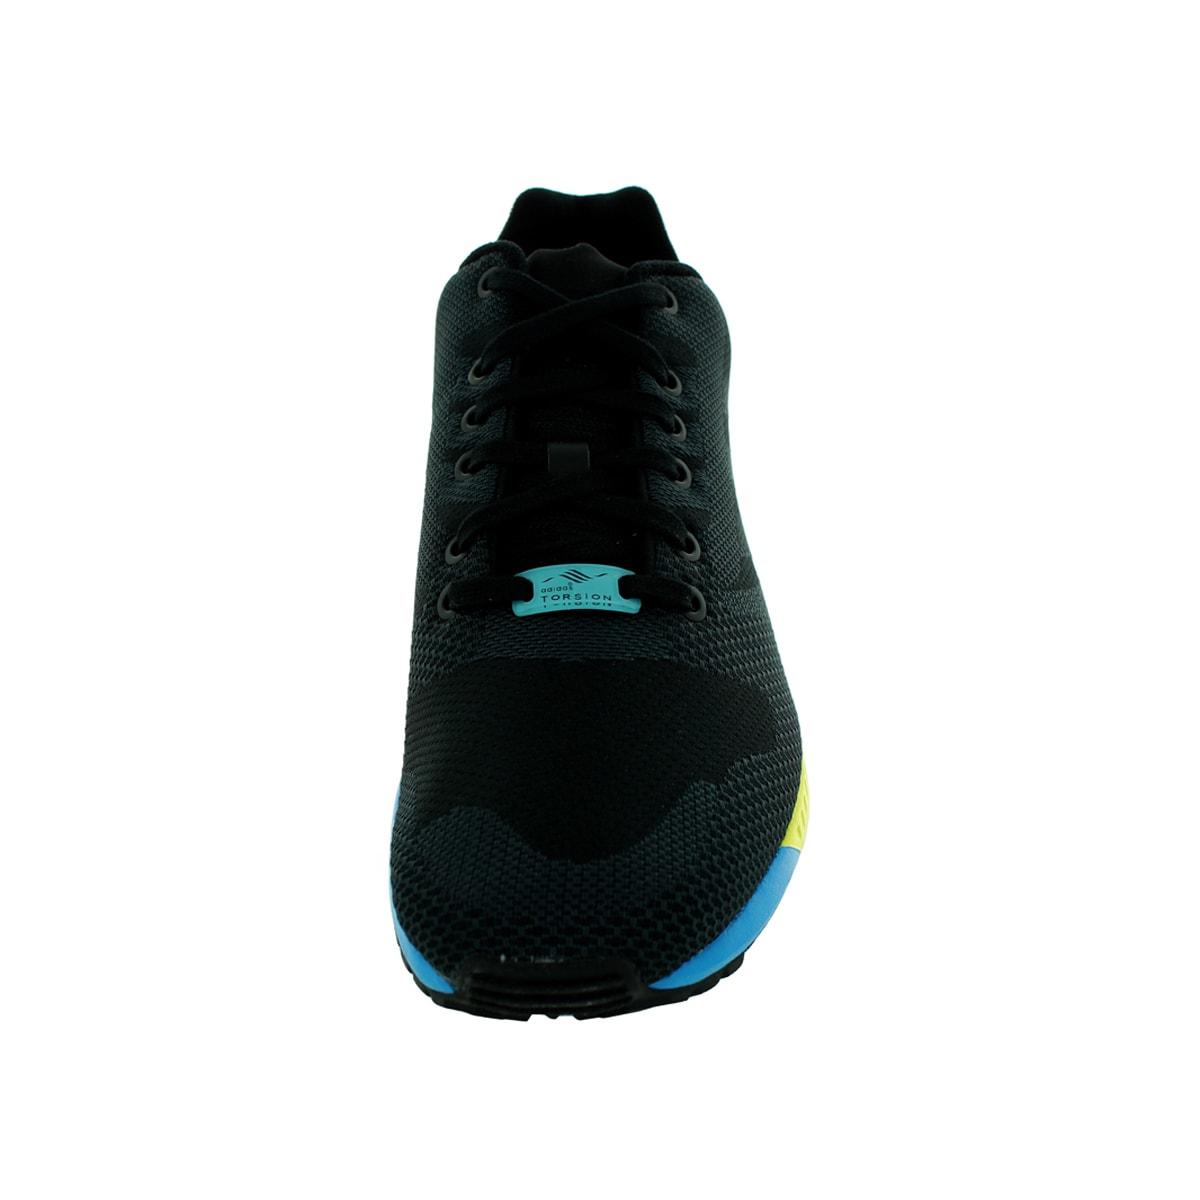 a0d61fd9074d6 Adidas Men's Zx Flux Weave Originals Black/Black/Aqua Running Shoe